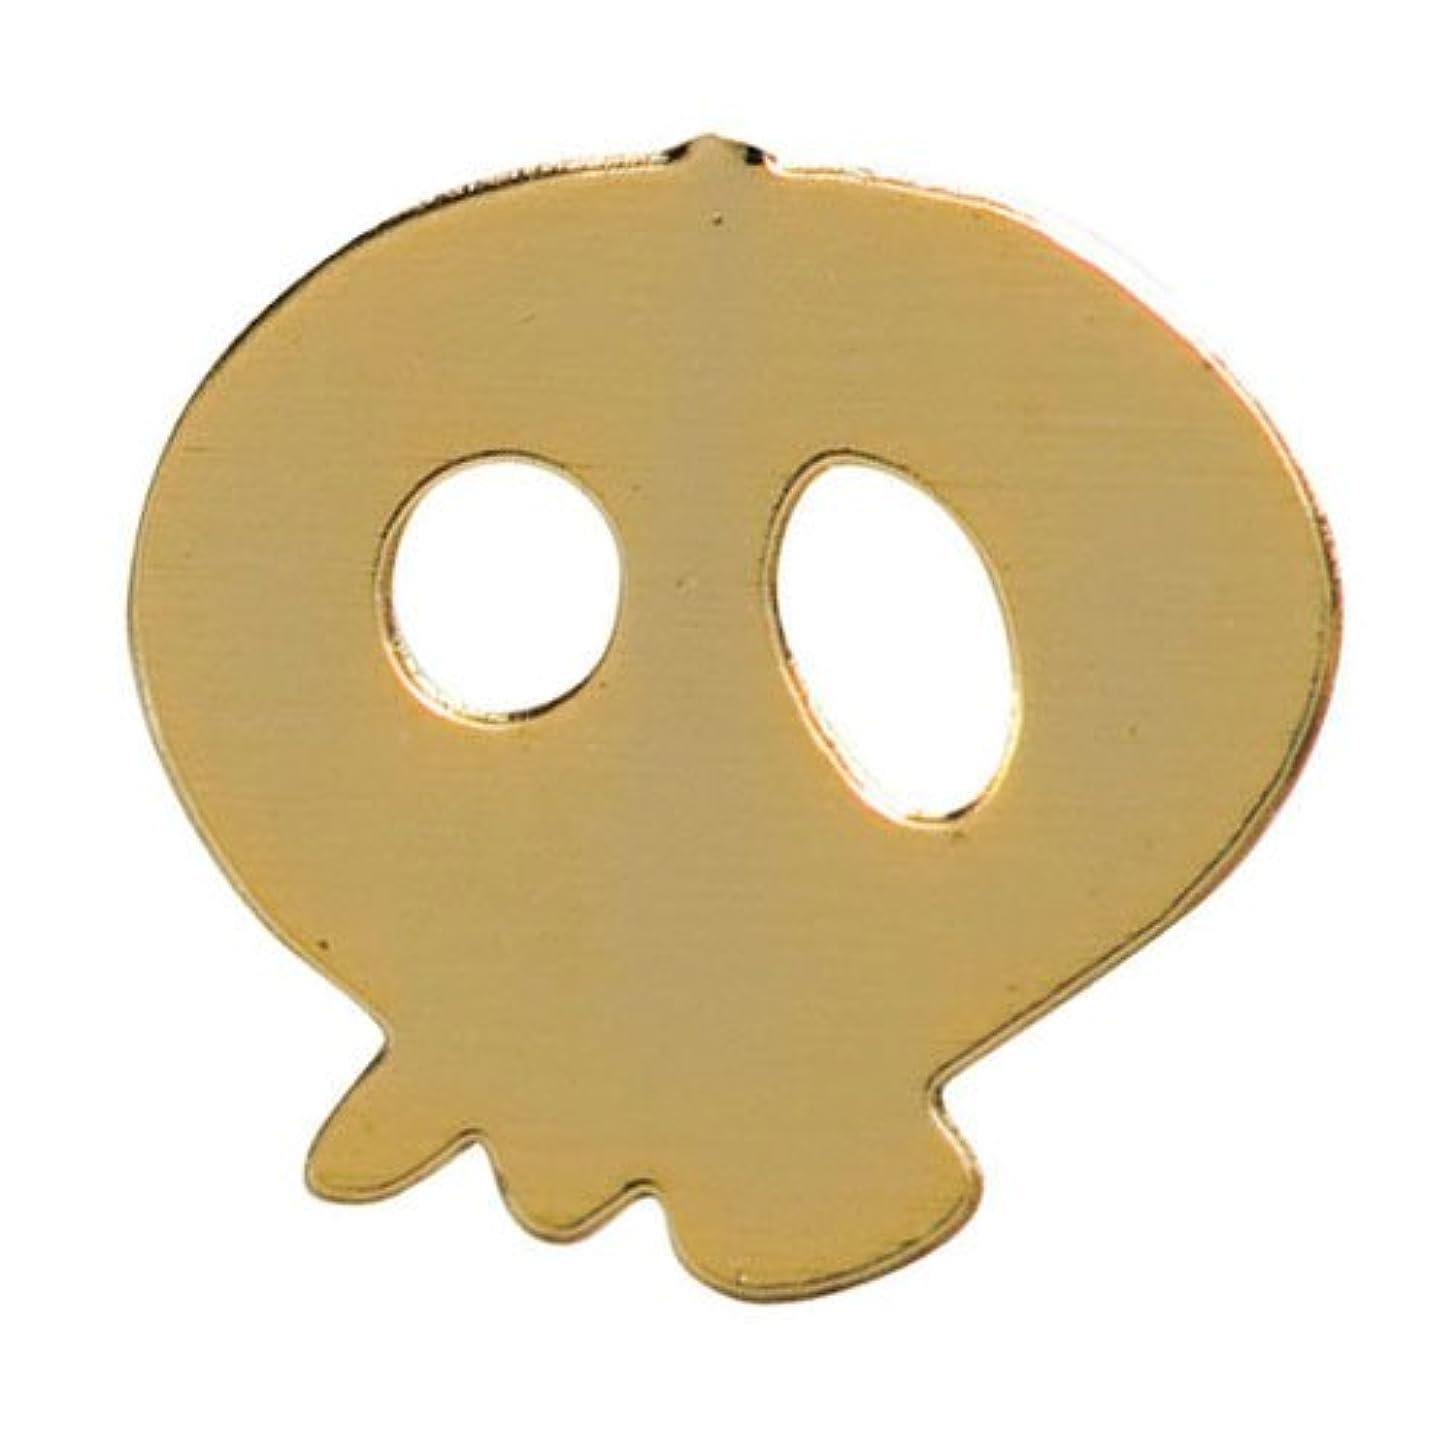 閉じる提供されたパスタリトルプリティー ネイルアートパーツ スカル ゴールド 10個